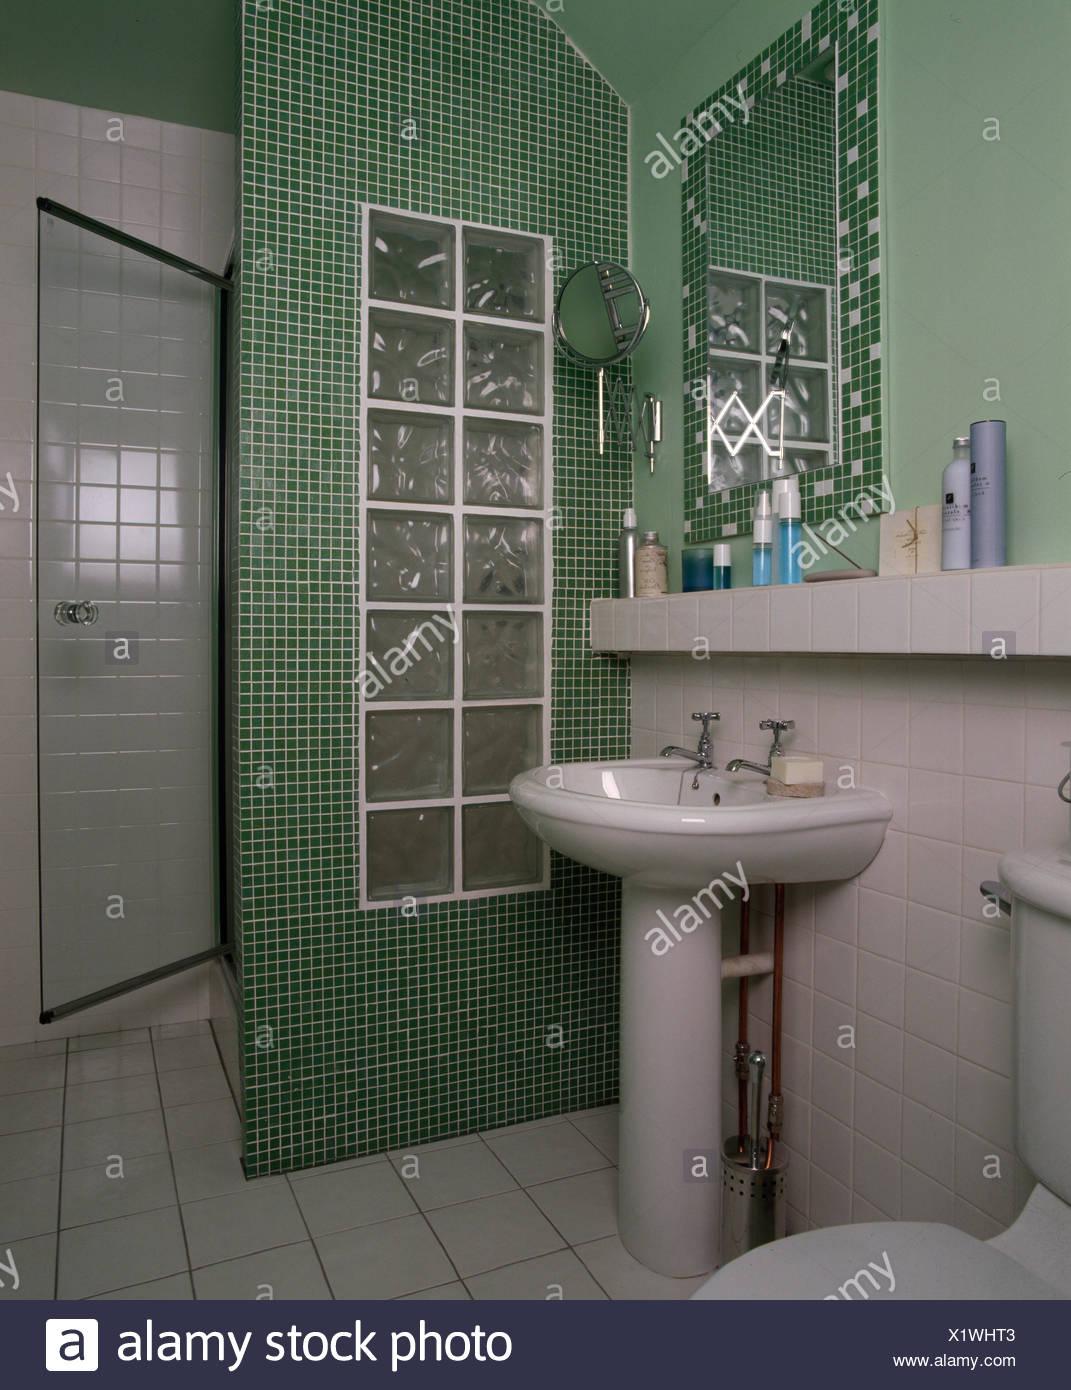 Baño Pequeño Con Ducha Formada De Mosaico Y Pared De Ladrillos De Vidrio Fotografía De Stock Alamy